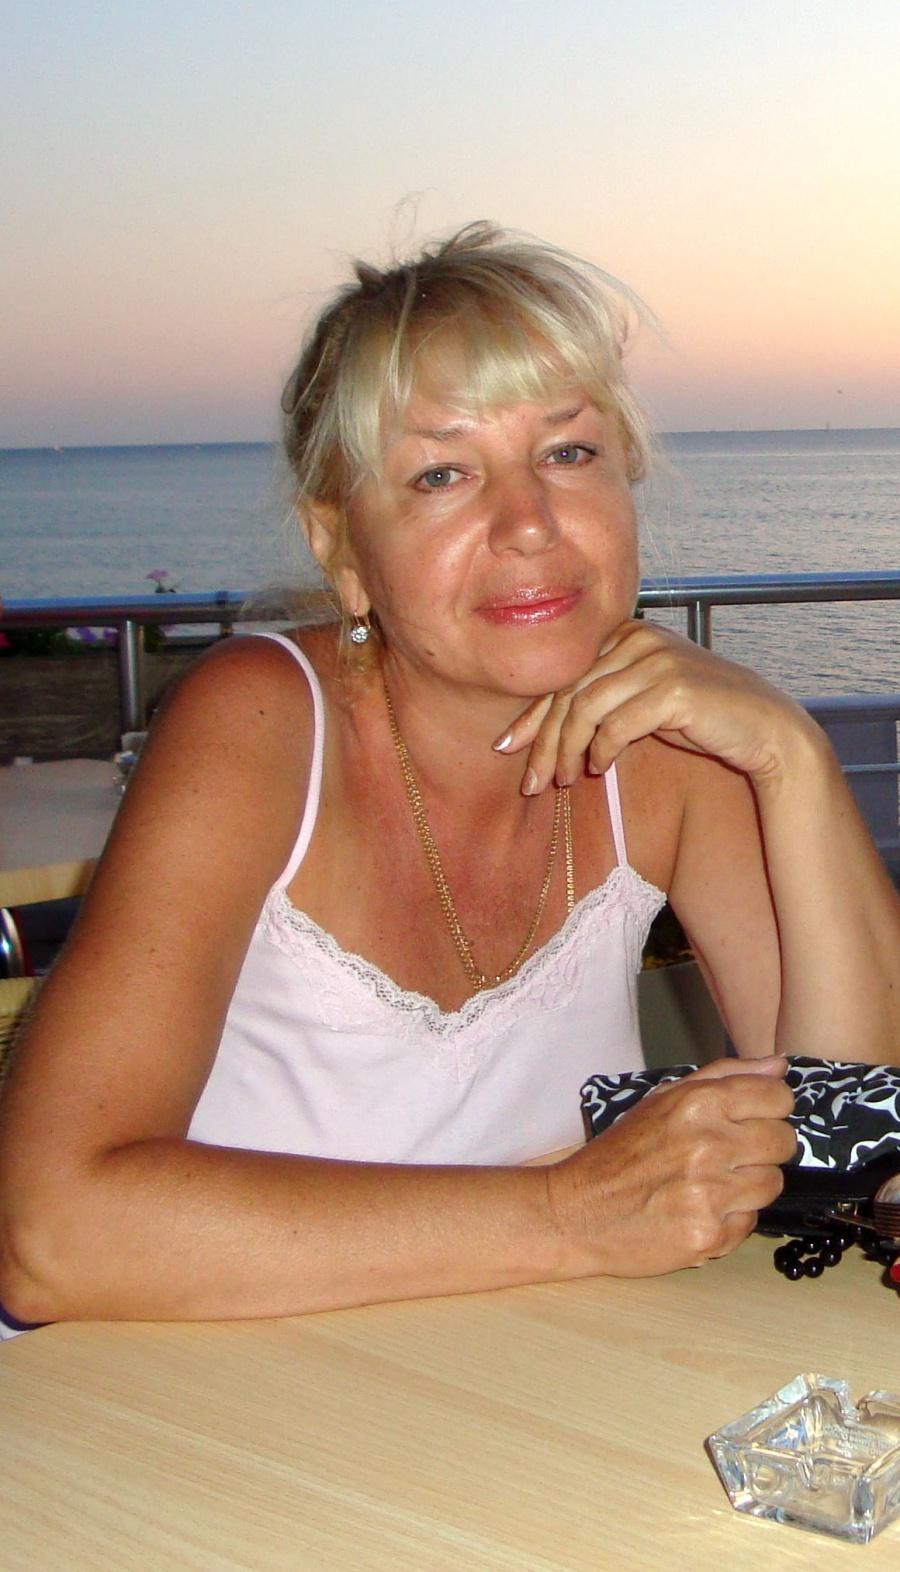 саратов 50 лет знакомство